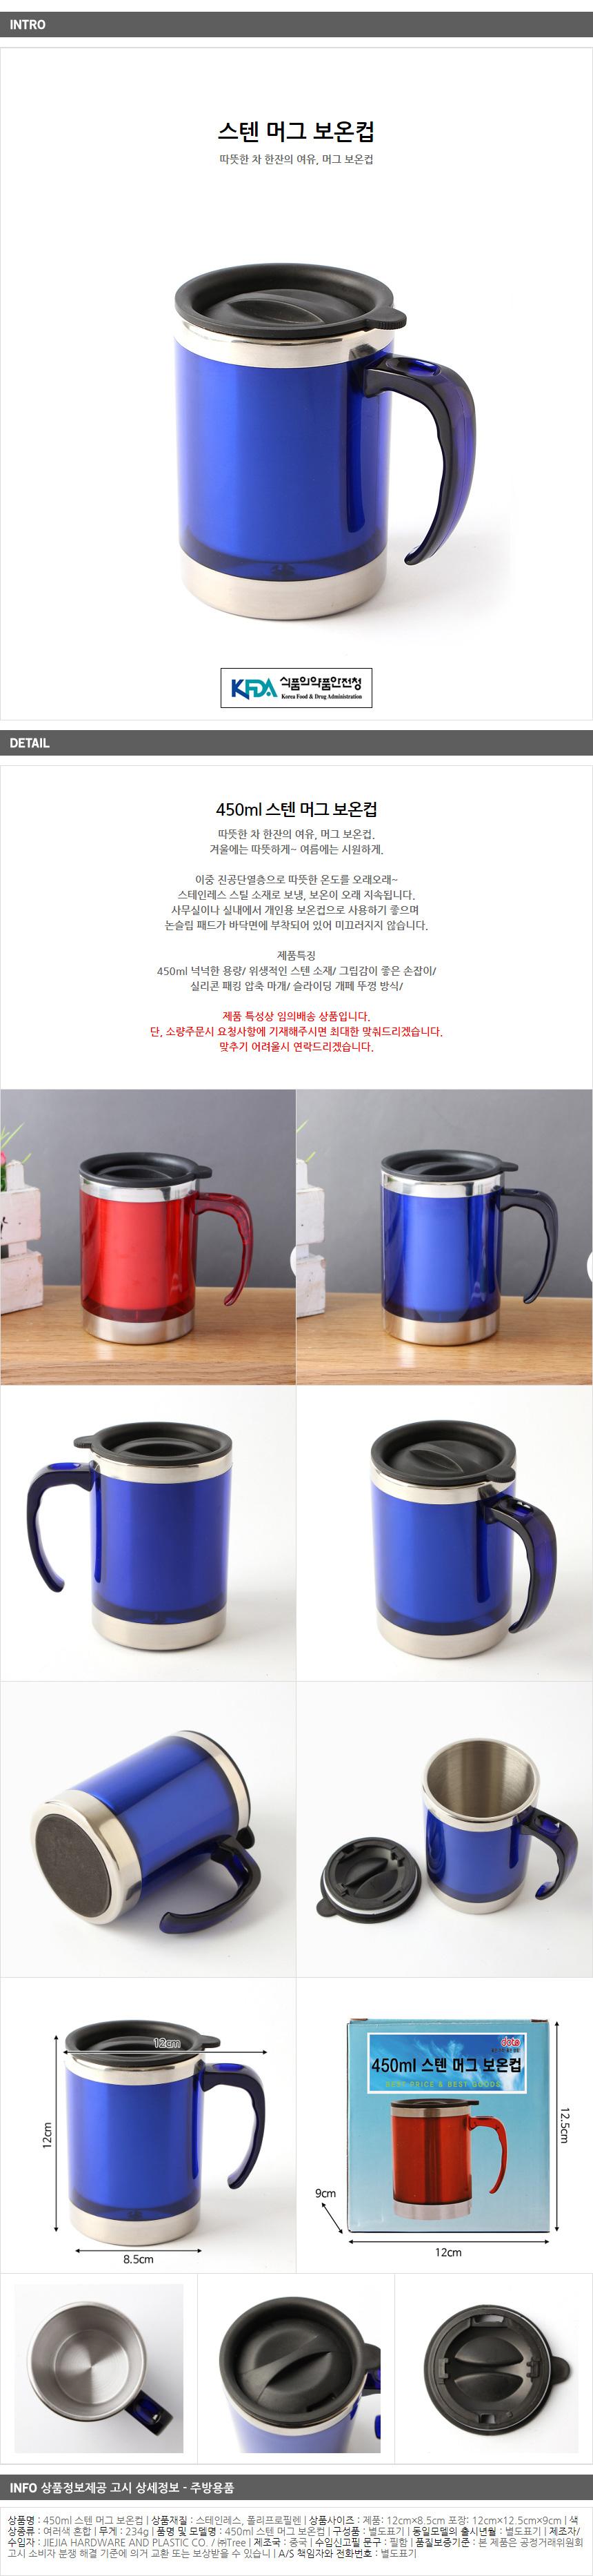 450ml 스텐 보온컵/스텐텀블러 휴대용머그 보온보냉컵 - 기프트갓, 5,010원, 보틀/텀블러, 보온보냉병